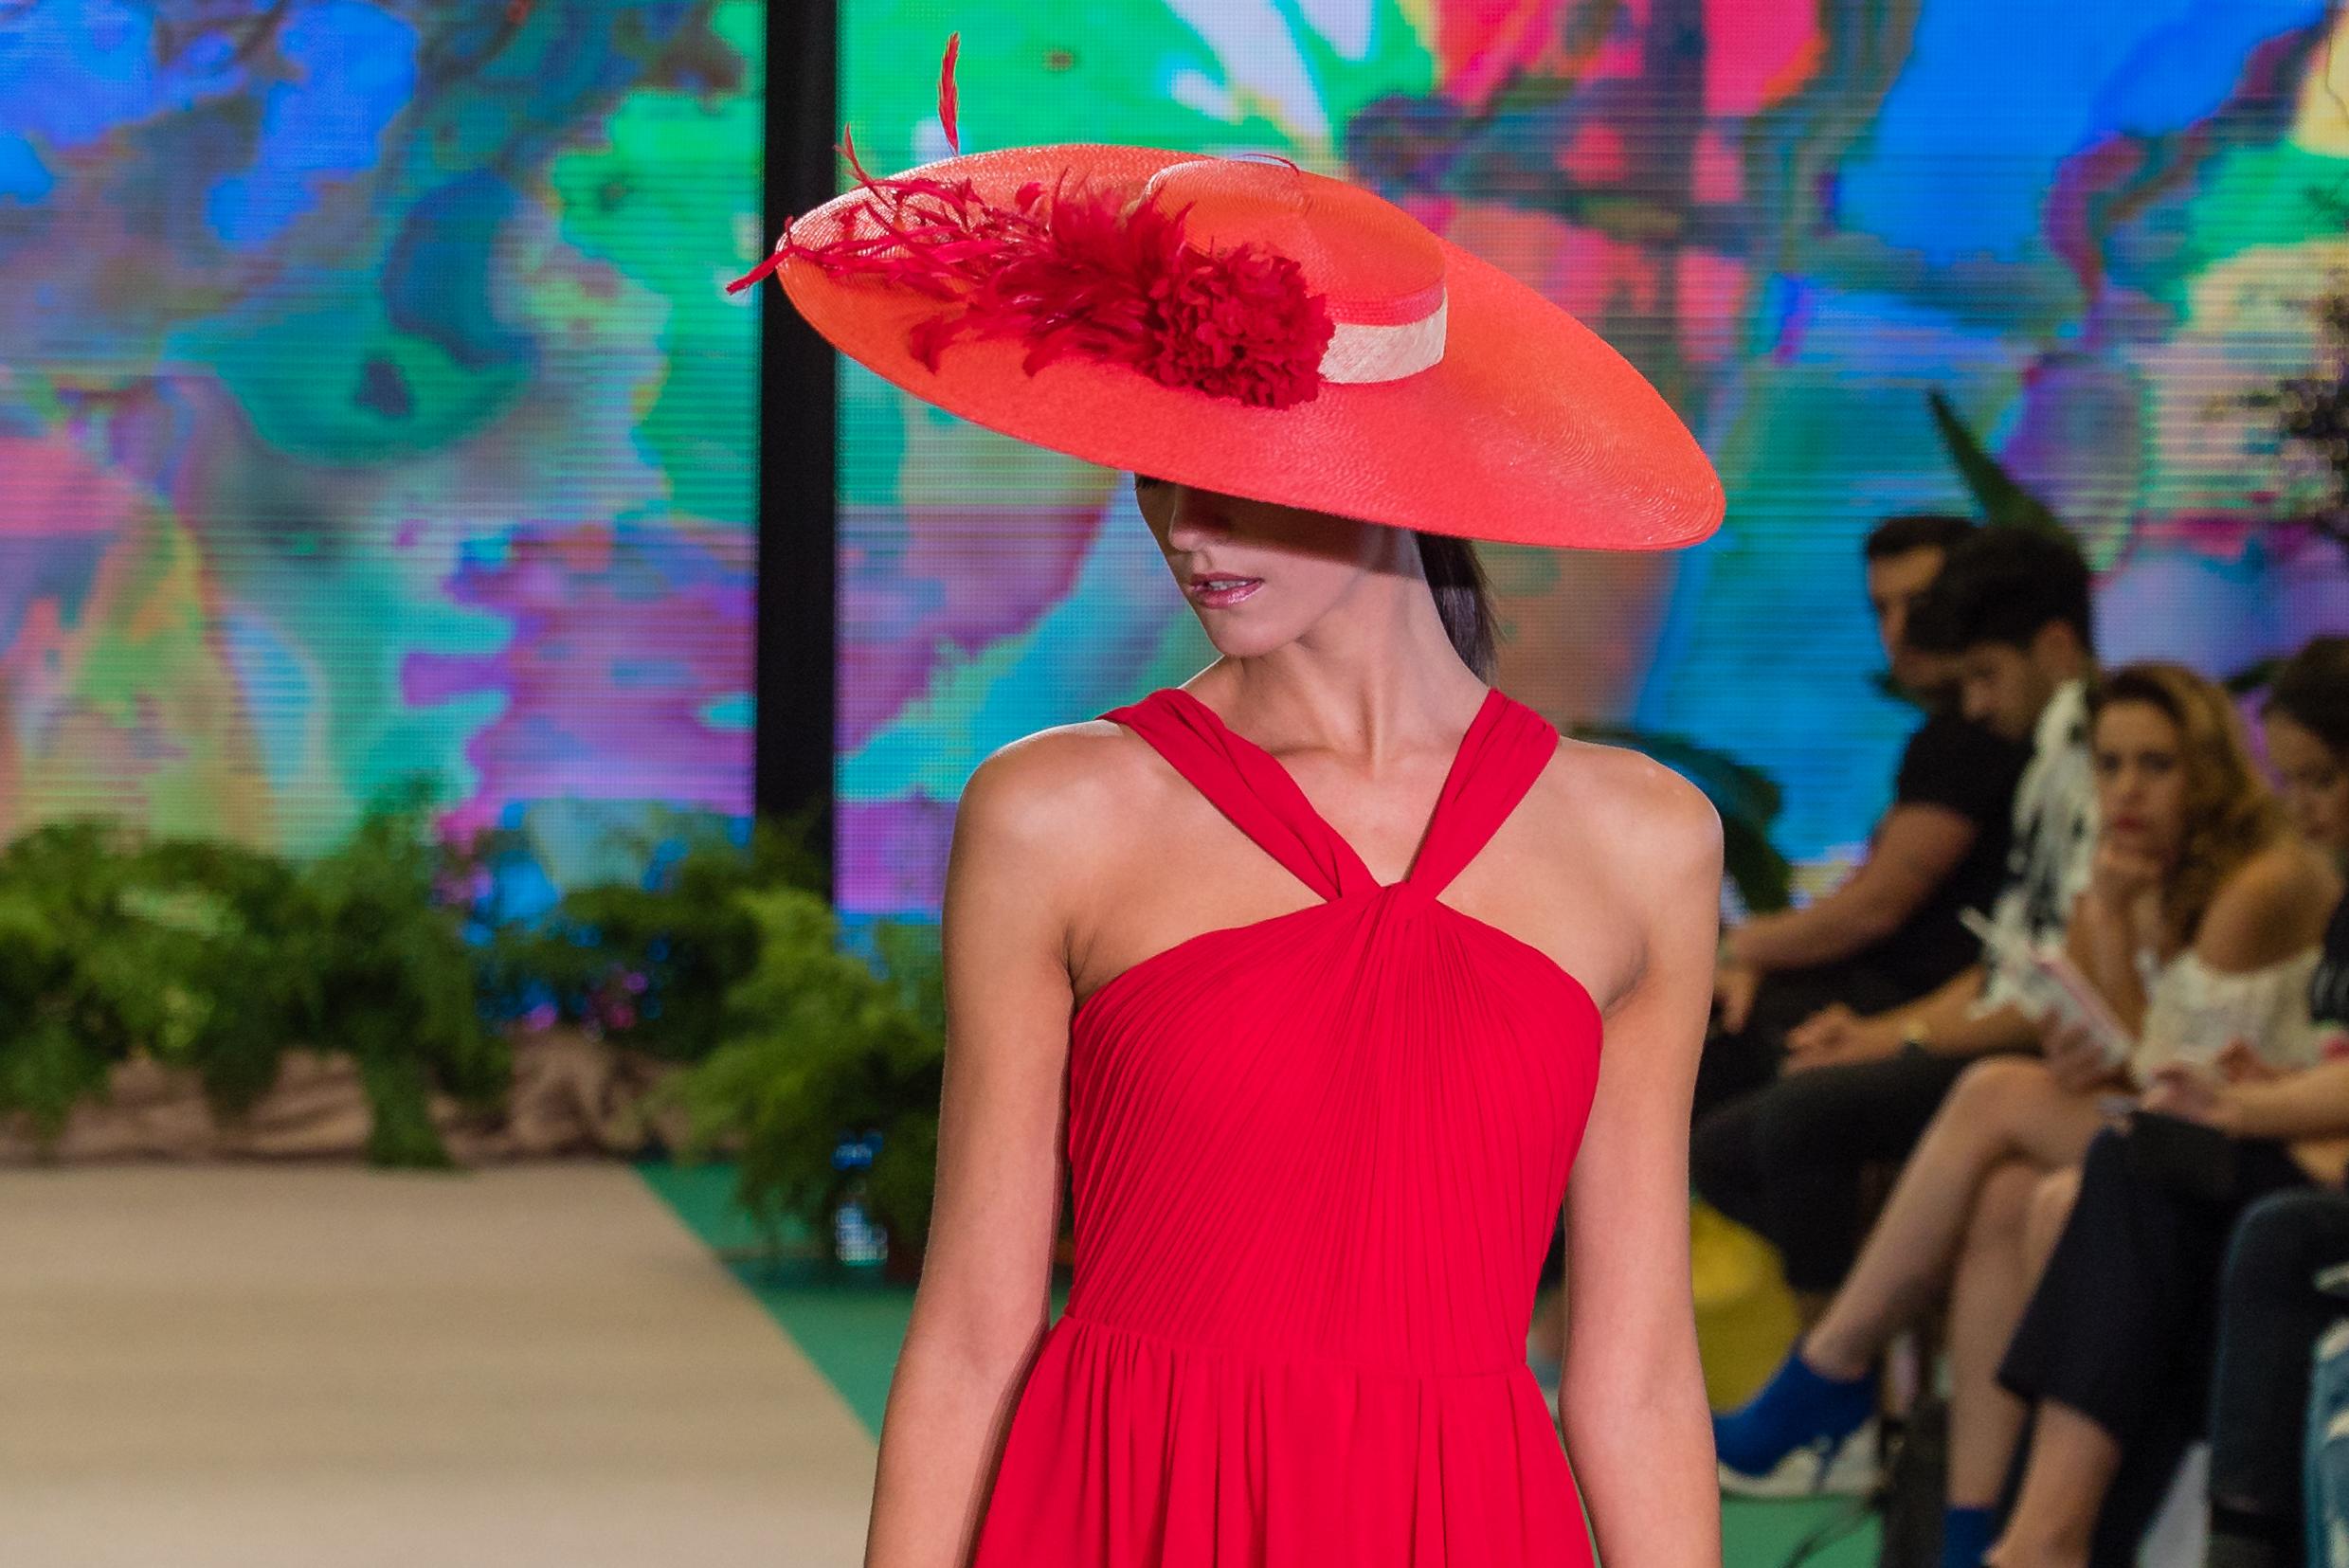 El Invernadero de la Feria de la Moda de Tenerife se rinde al color